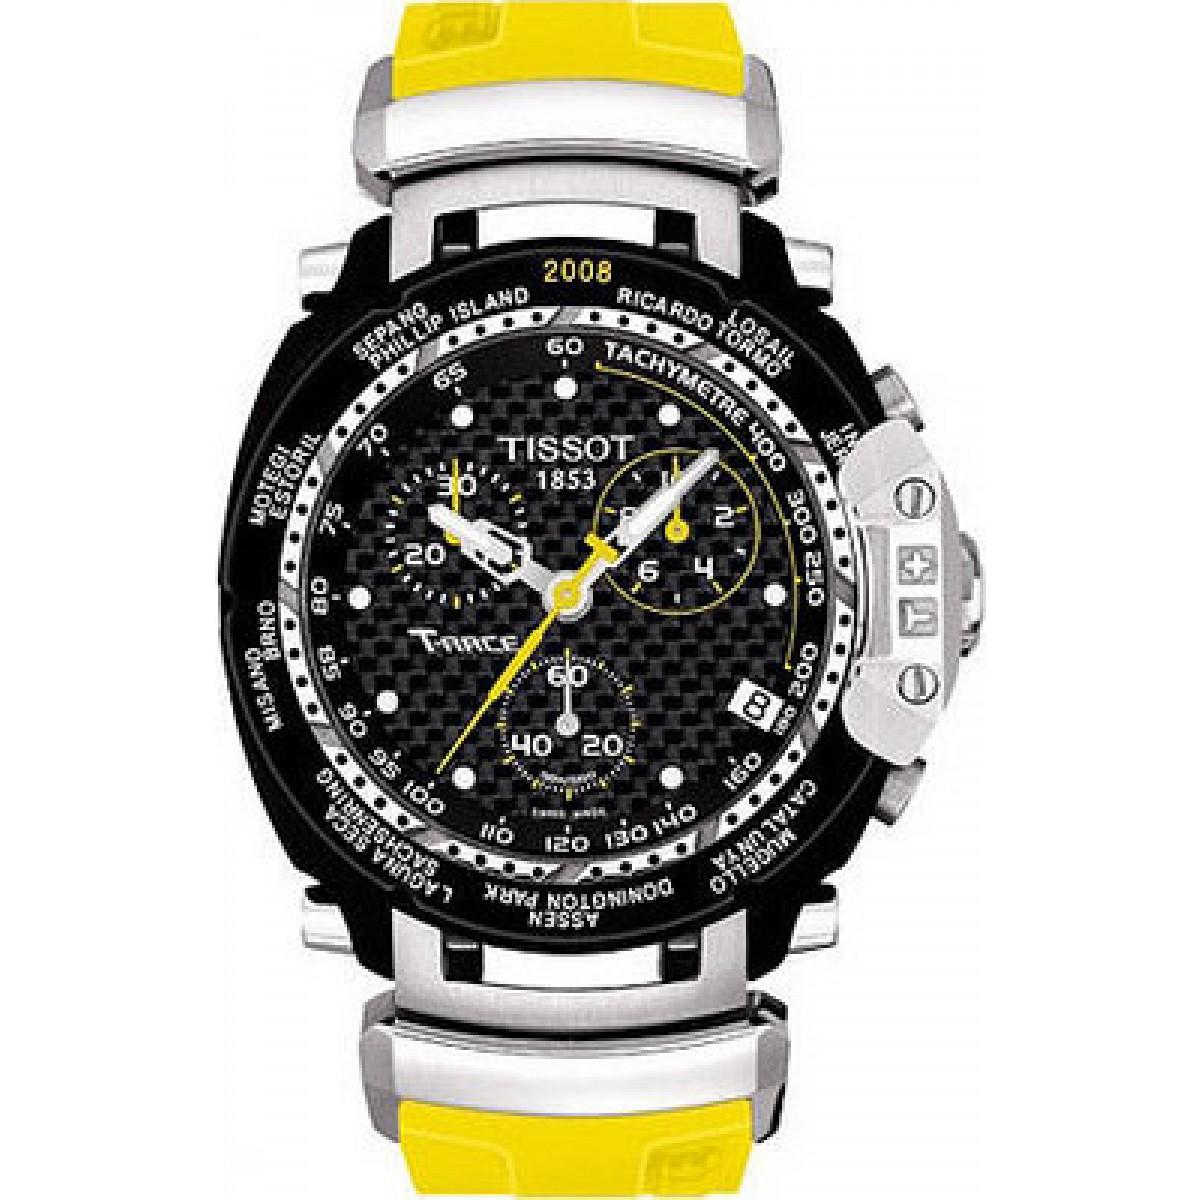 dffe238255e Relógio Réplica Tissot Moto GP